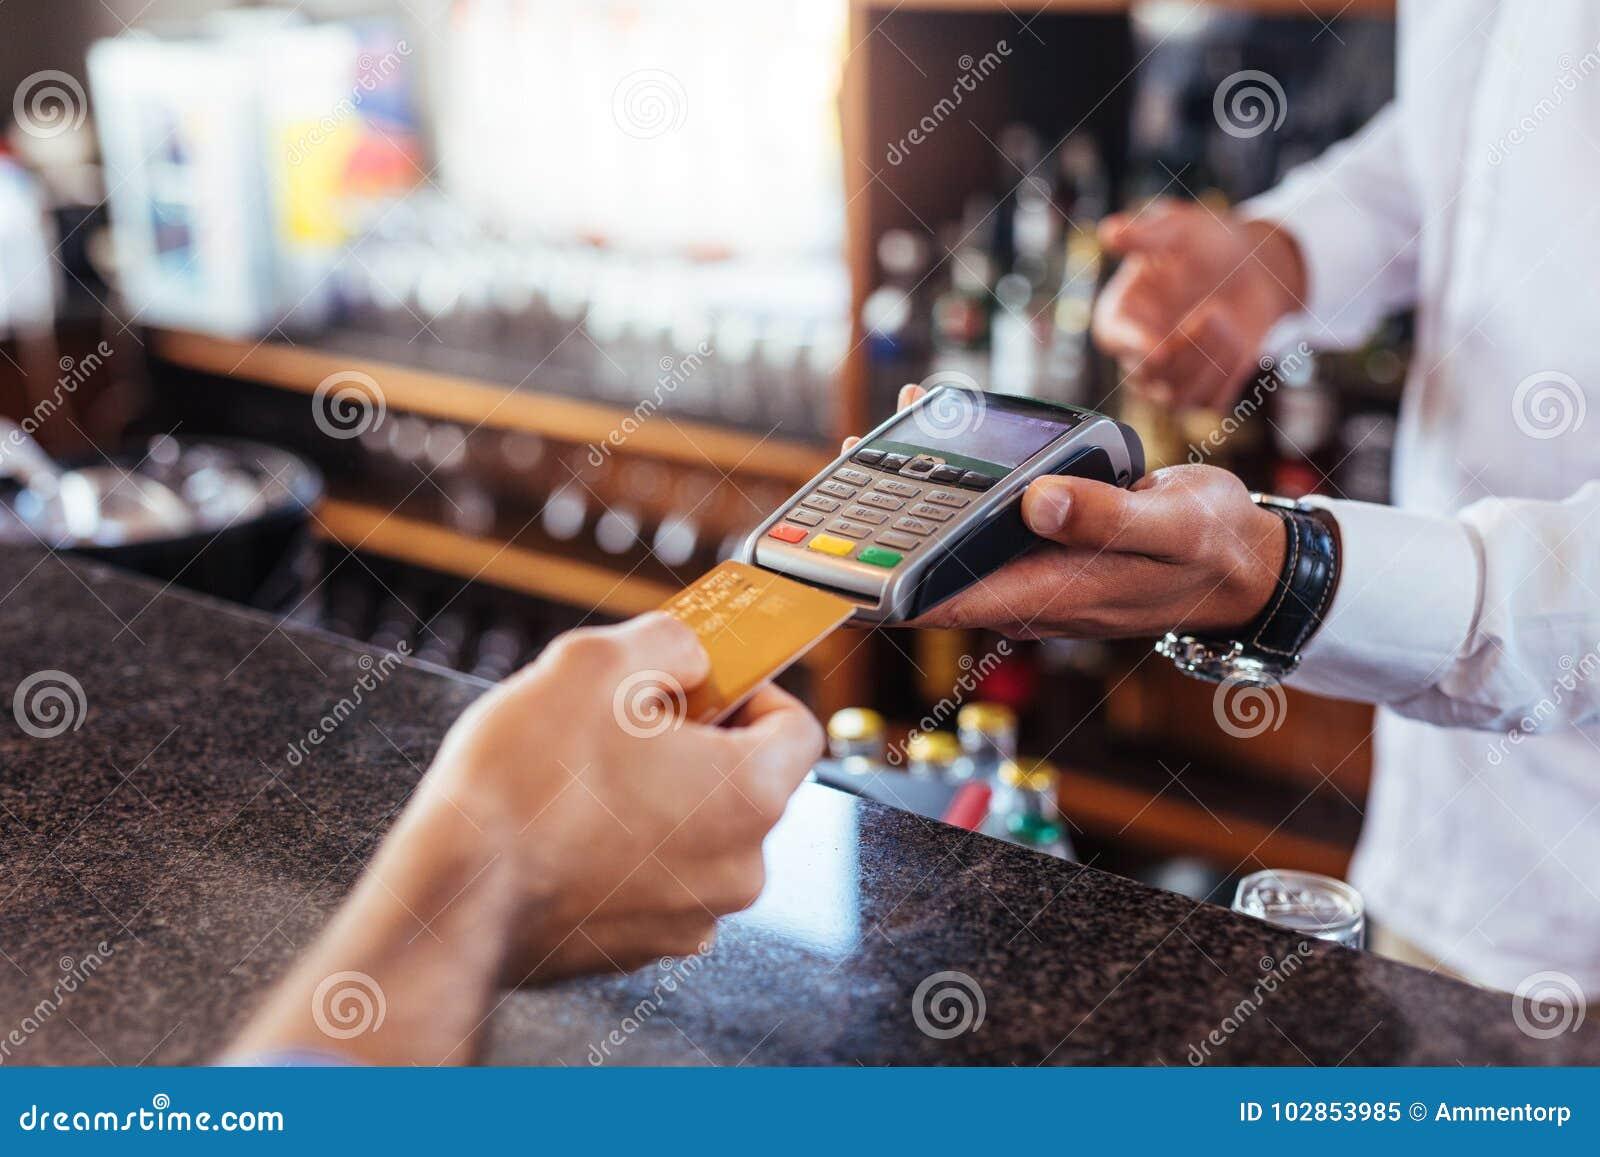 付付款的顾客使用信用卡在酒吧